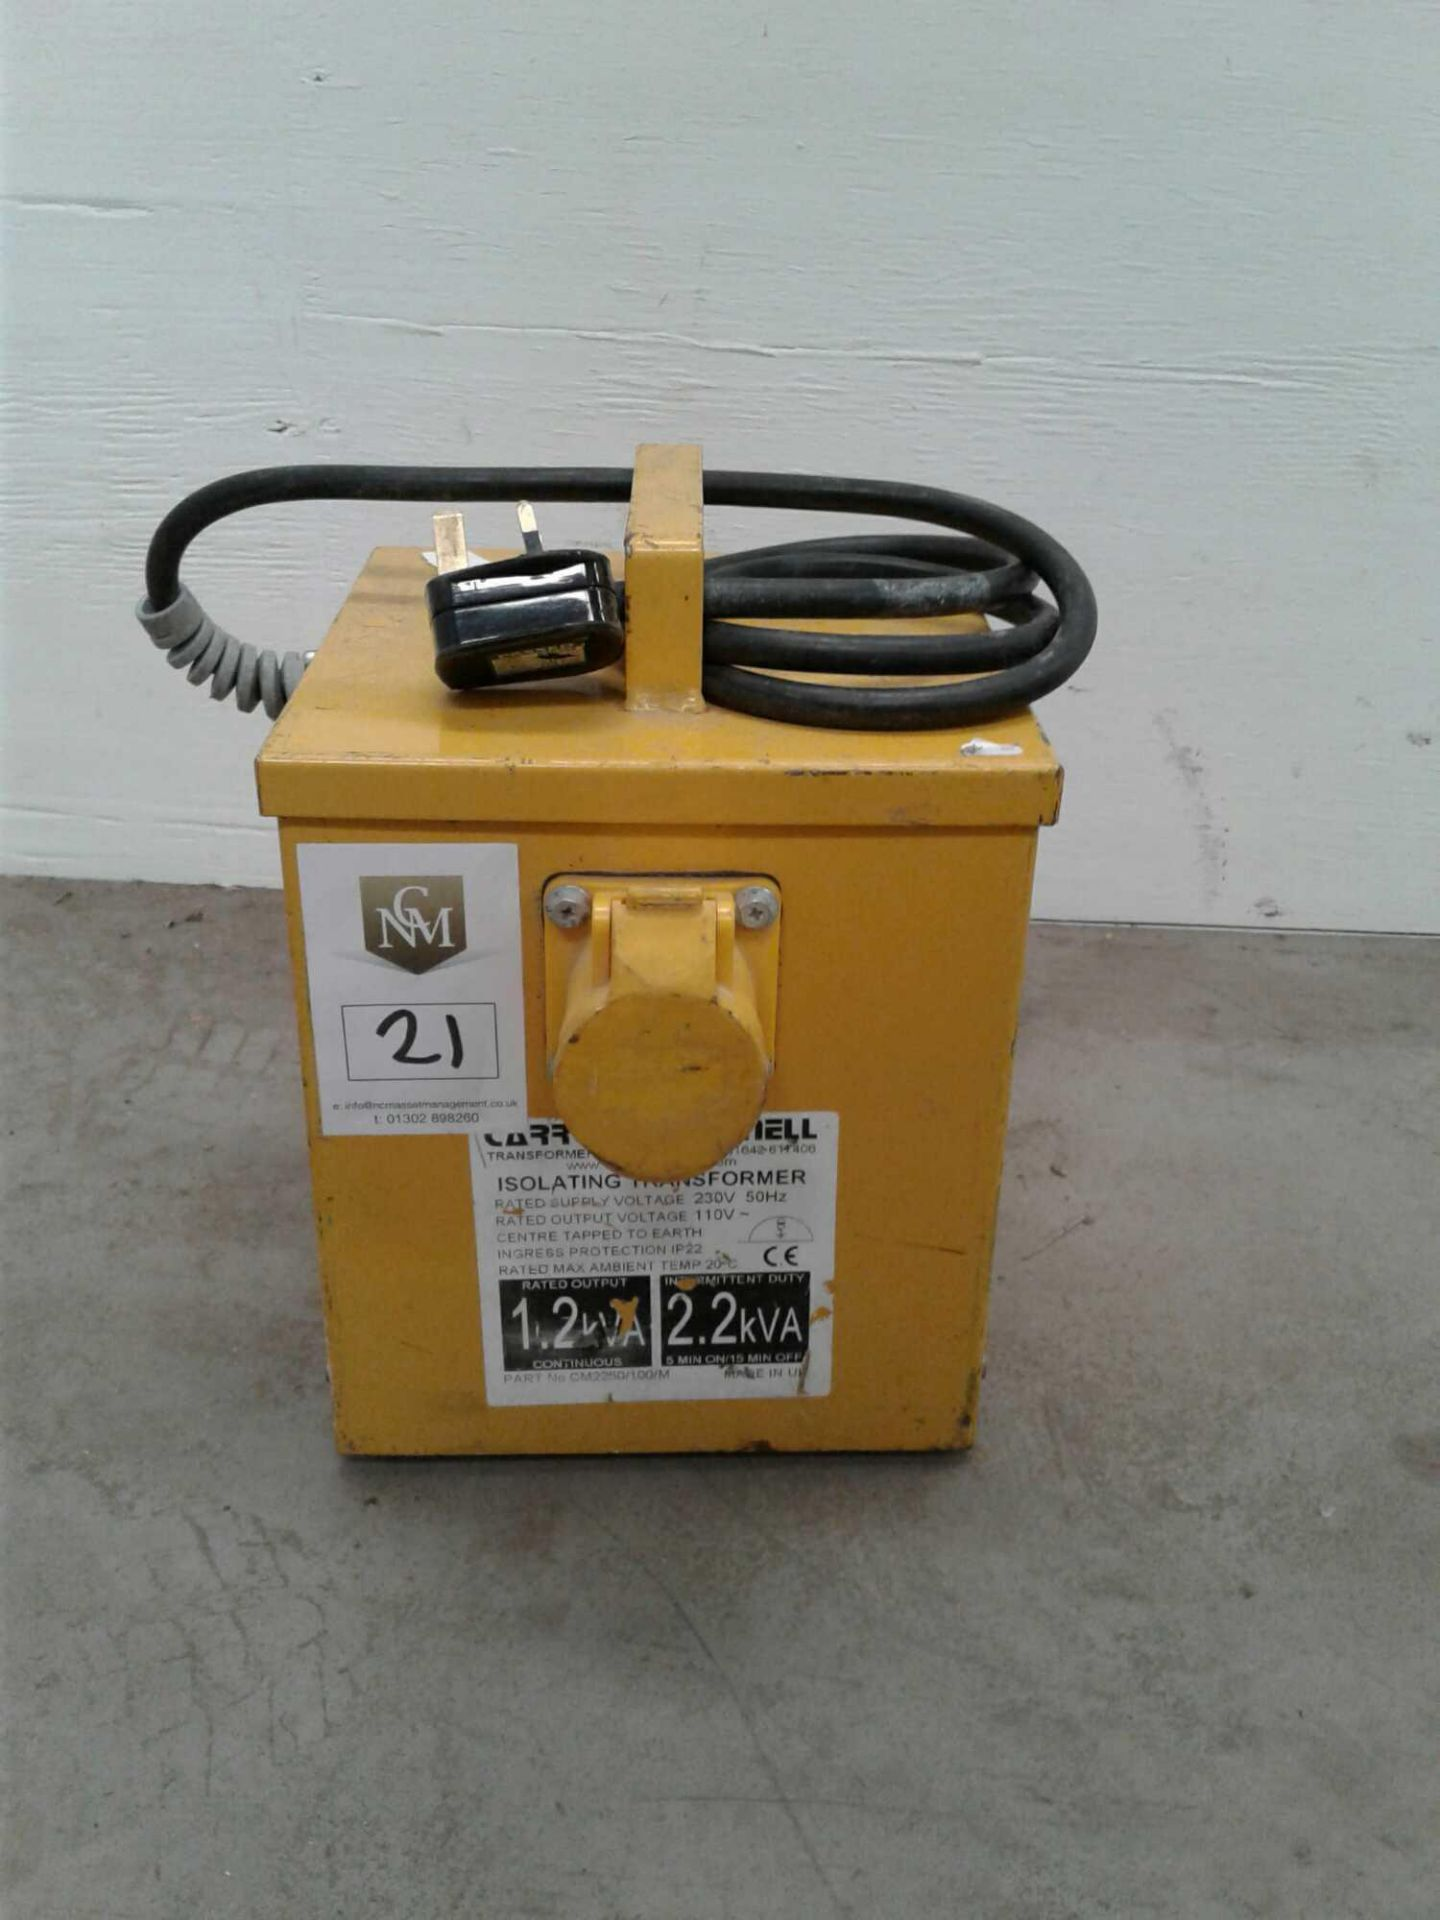 Lot 21 - 2.2 kVA transformer